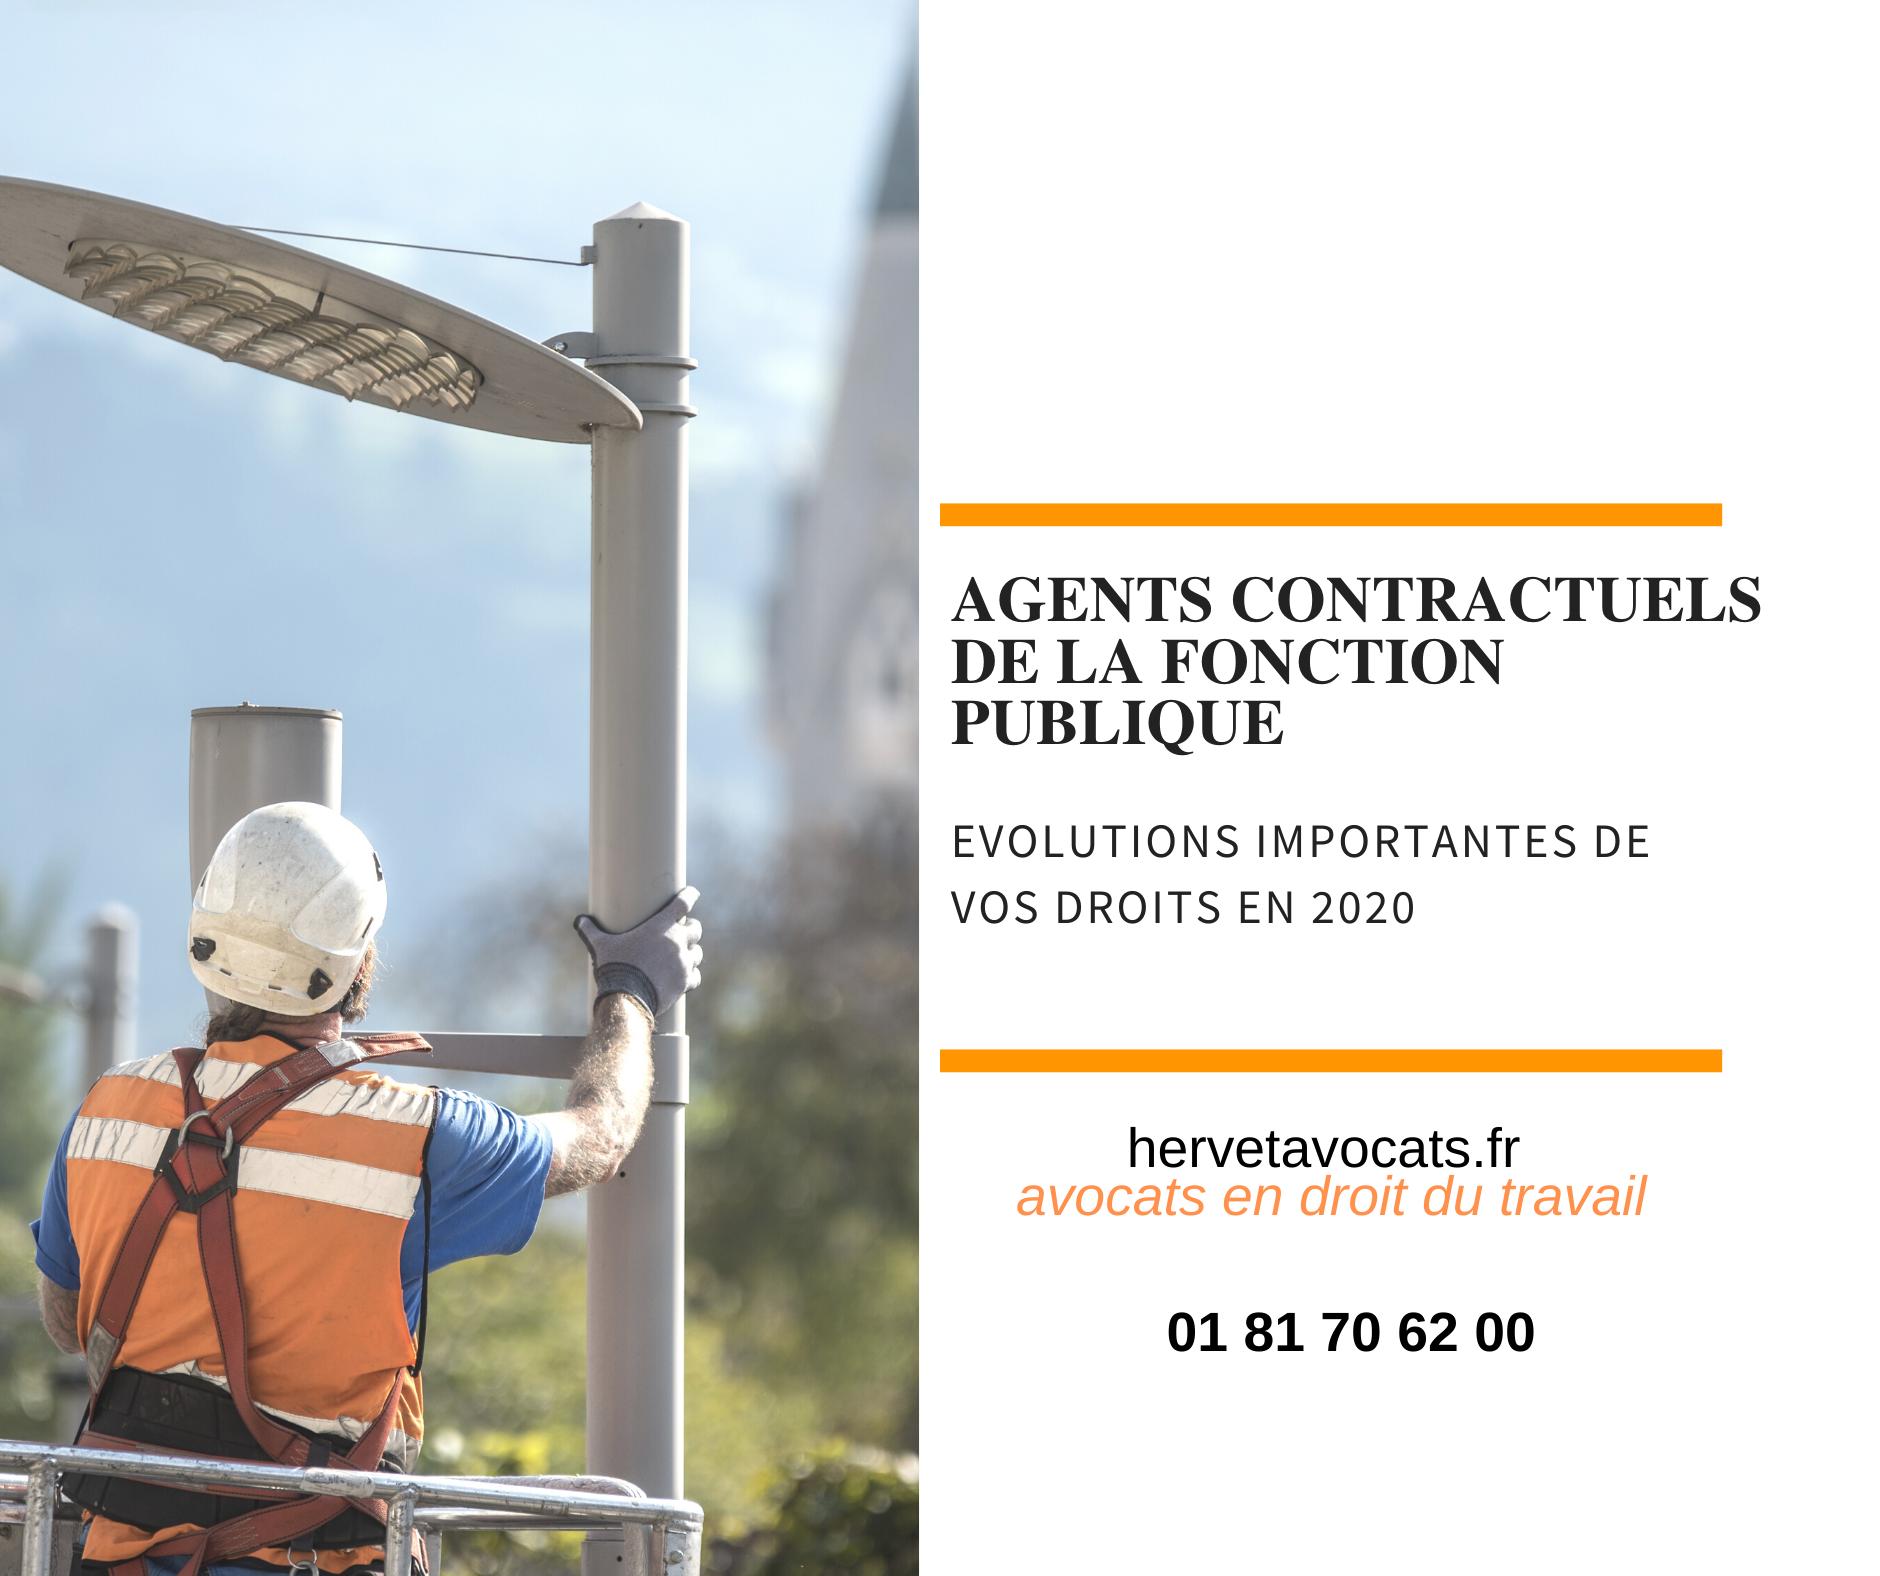 Agents contractuels de la fonction publique : quels sont vos droits en 2020 ?